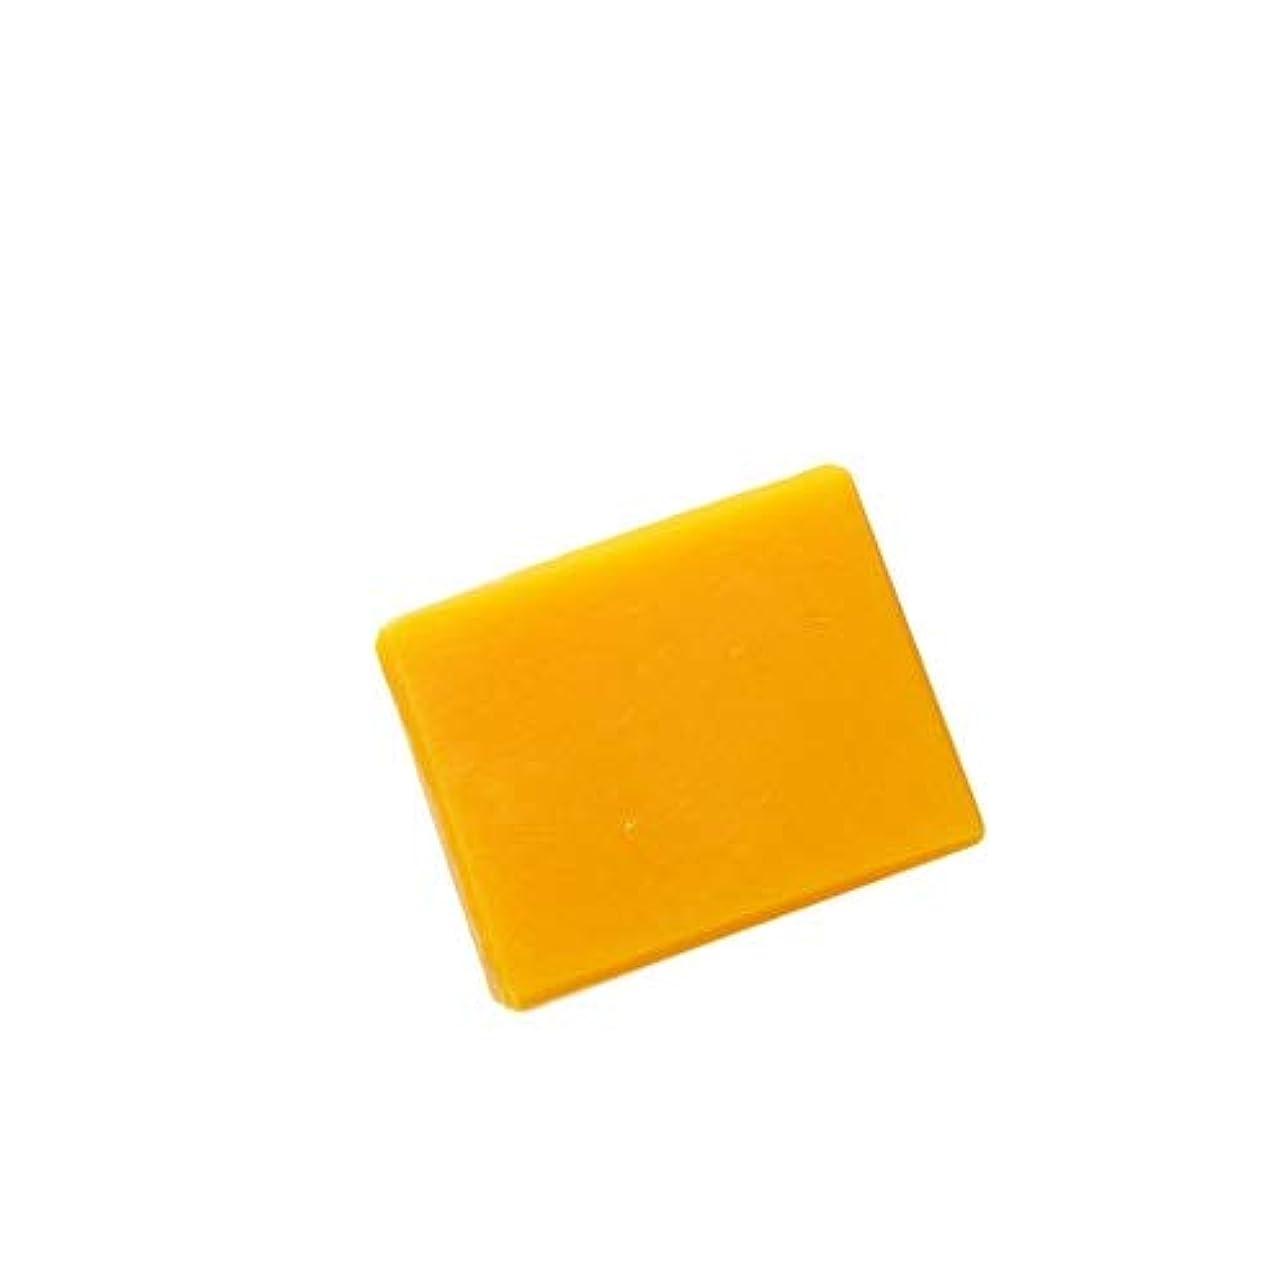 バレルコンデンサーの量洗顔石鹸 COONA アボカド 石けん フローラルオレンジ (天然素材 自然派 コールドプロセス 手作り せっけん)